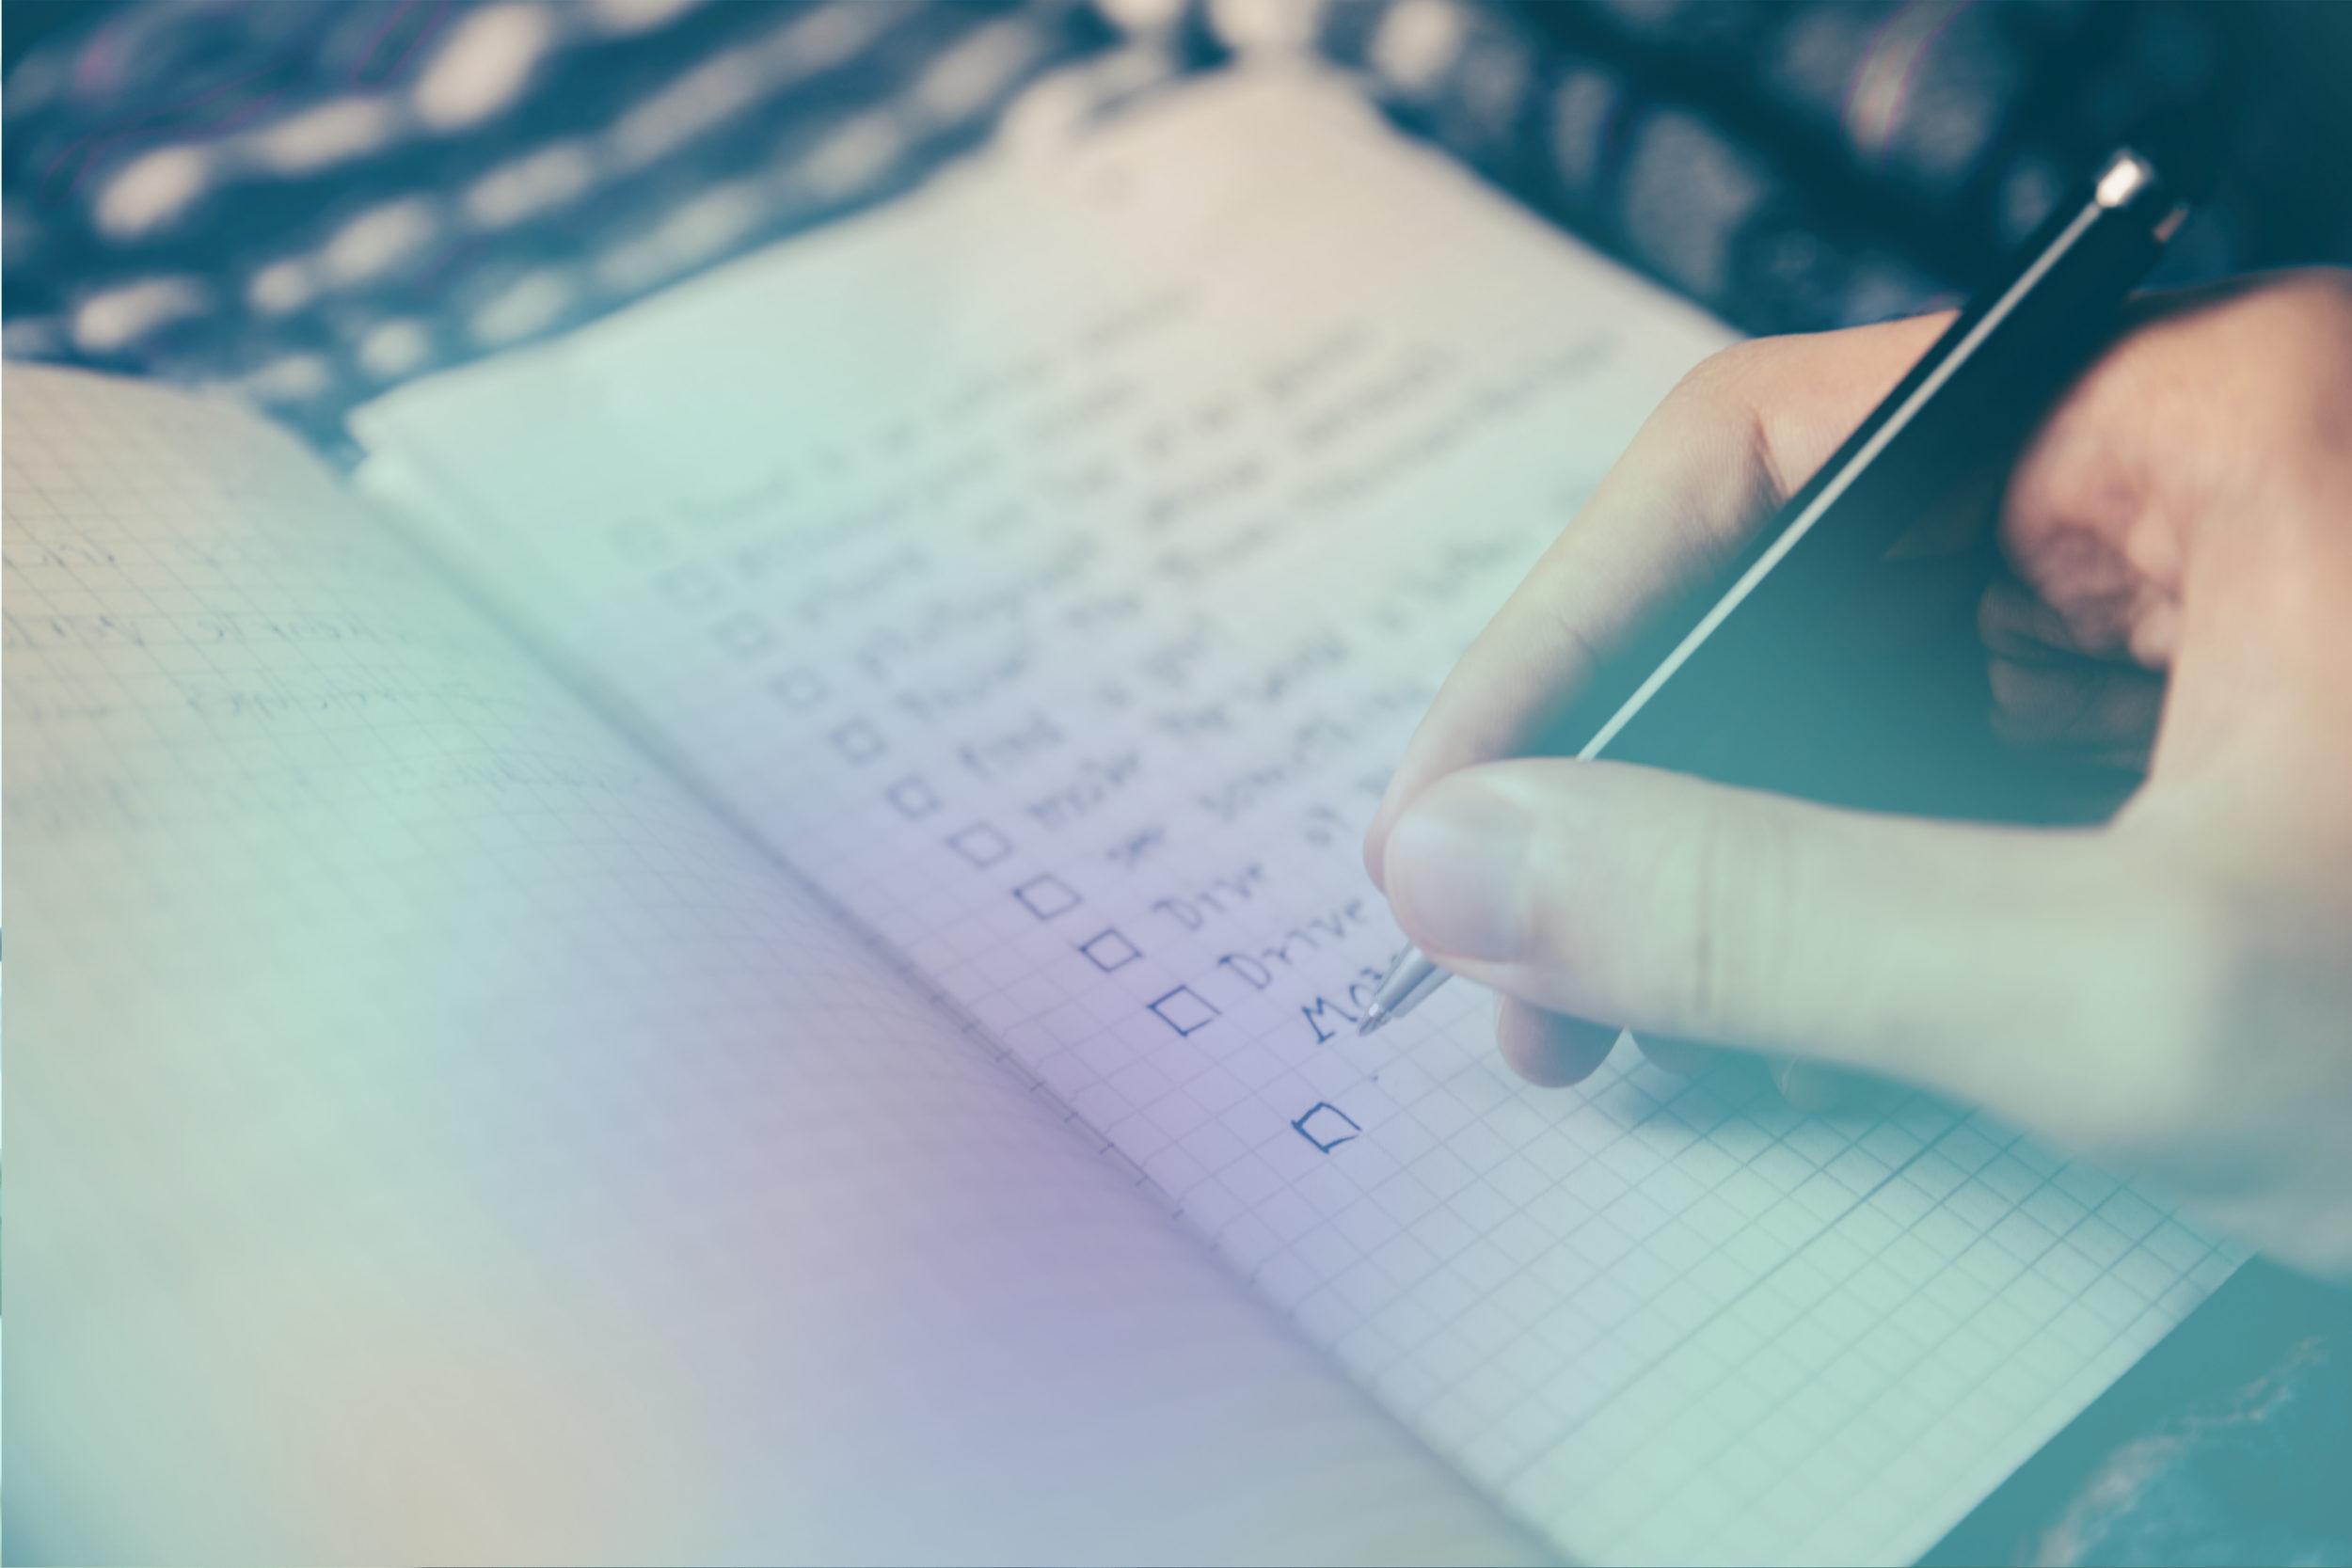 Tipps und Tricks für die Abschlussarbeit - Prokrastination vermeiden